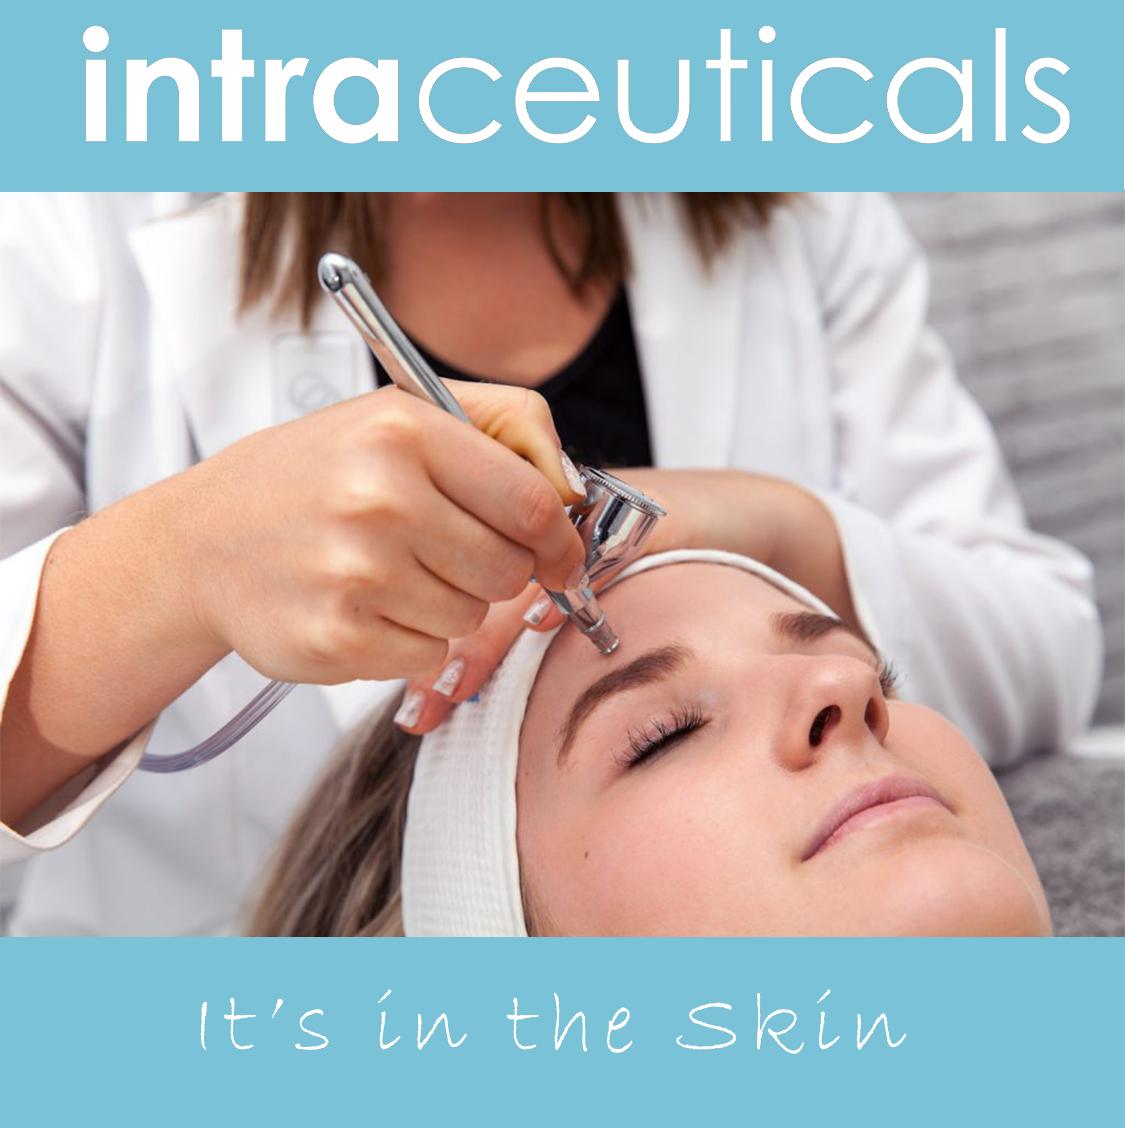 Tratamente-Faciala-Intraceuticals-la-Tishara-Bucuresti